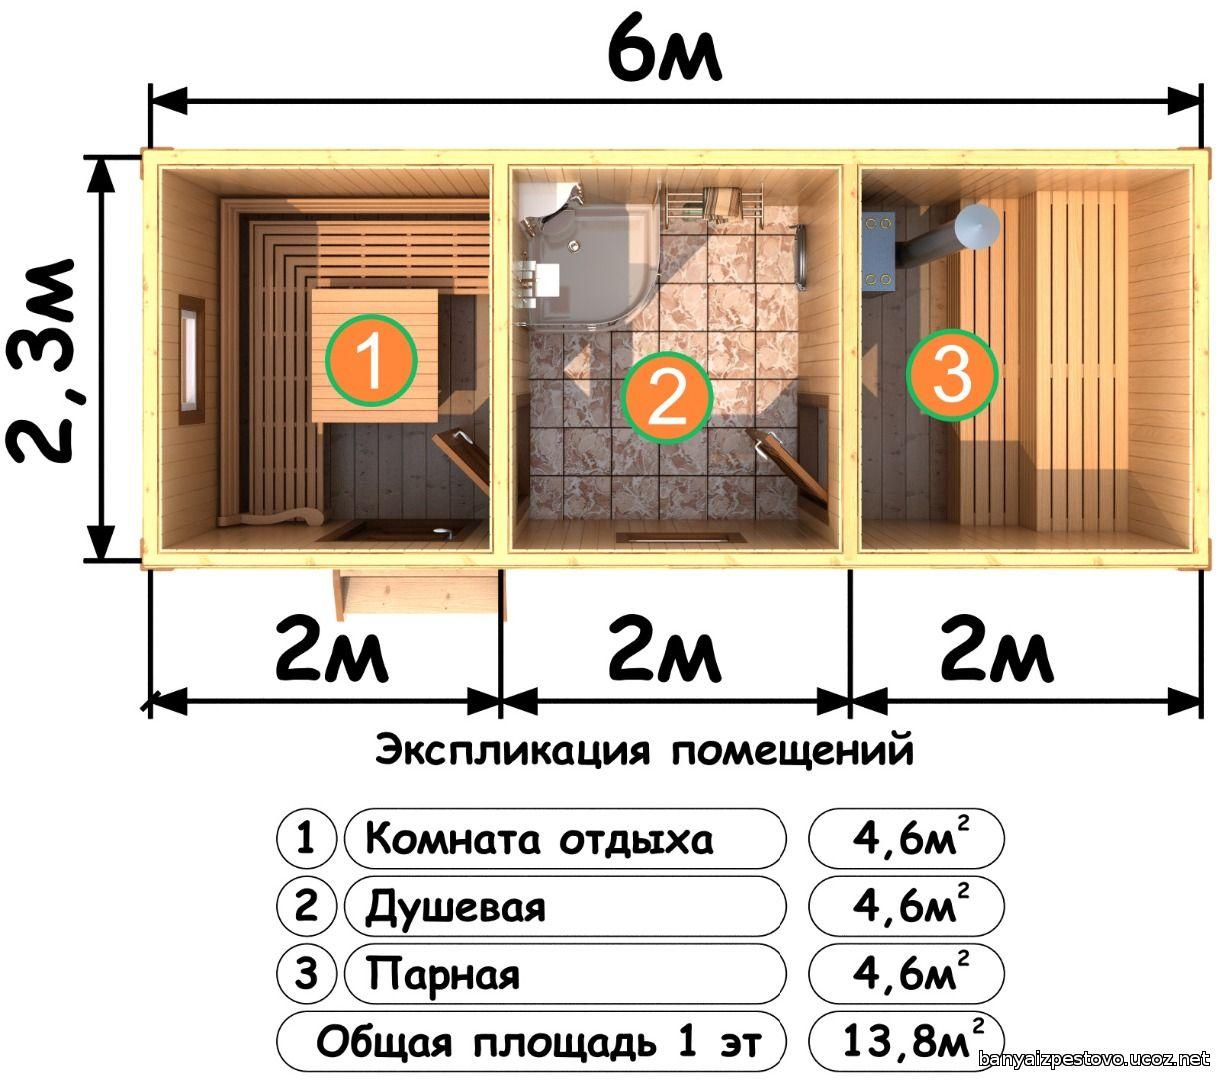 Какой должен быть оптимальный размер бани